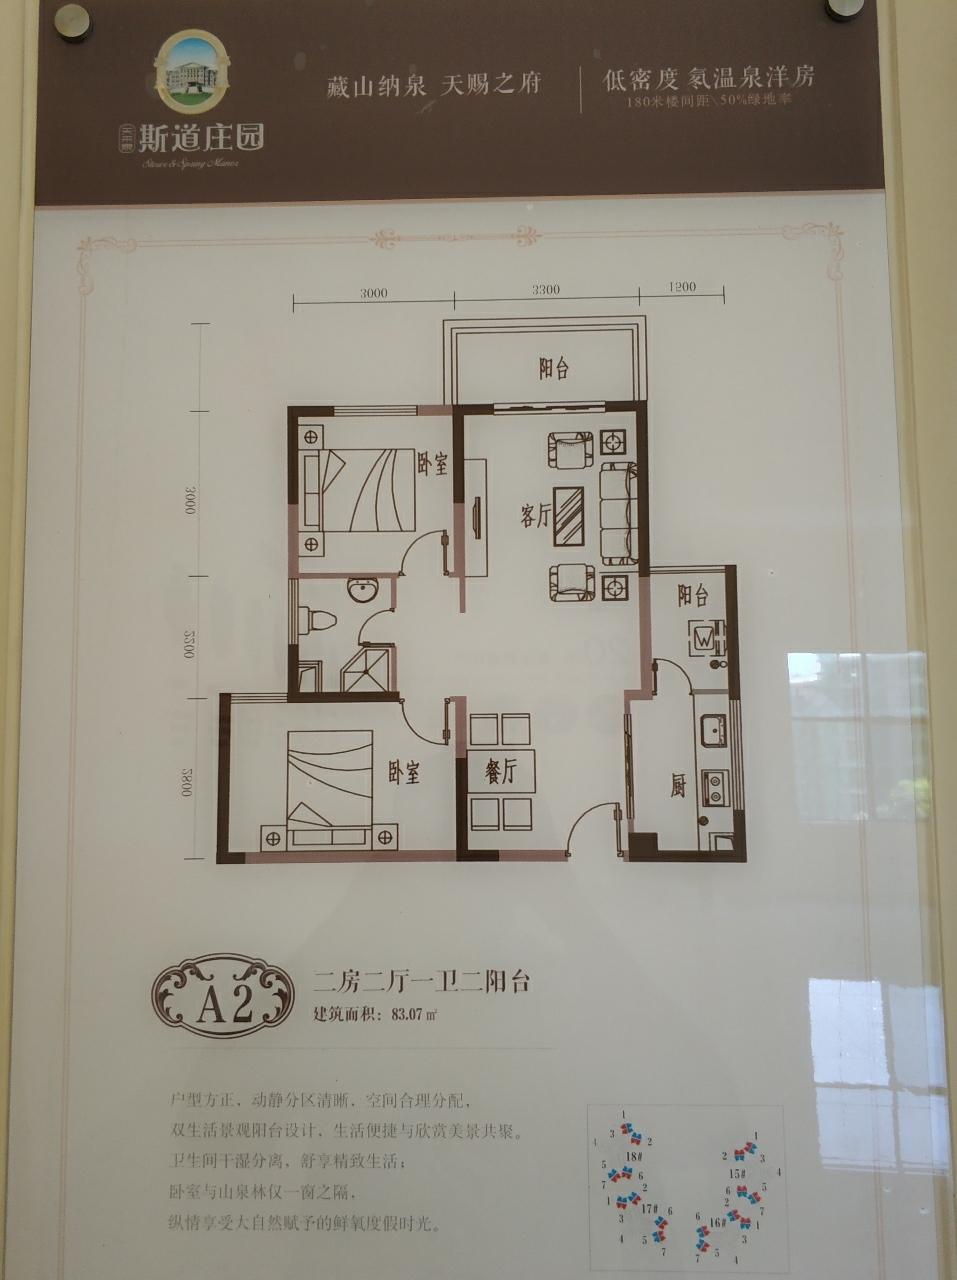 斯道庄园2室 2厅 1卫96万元